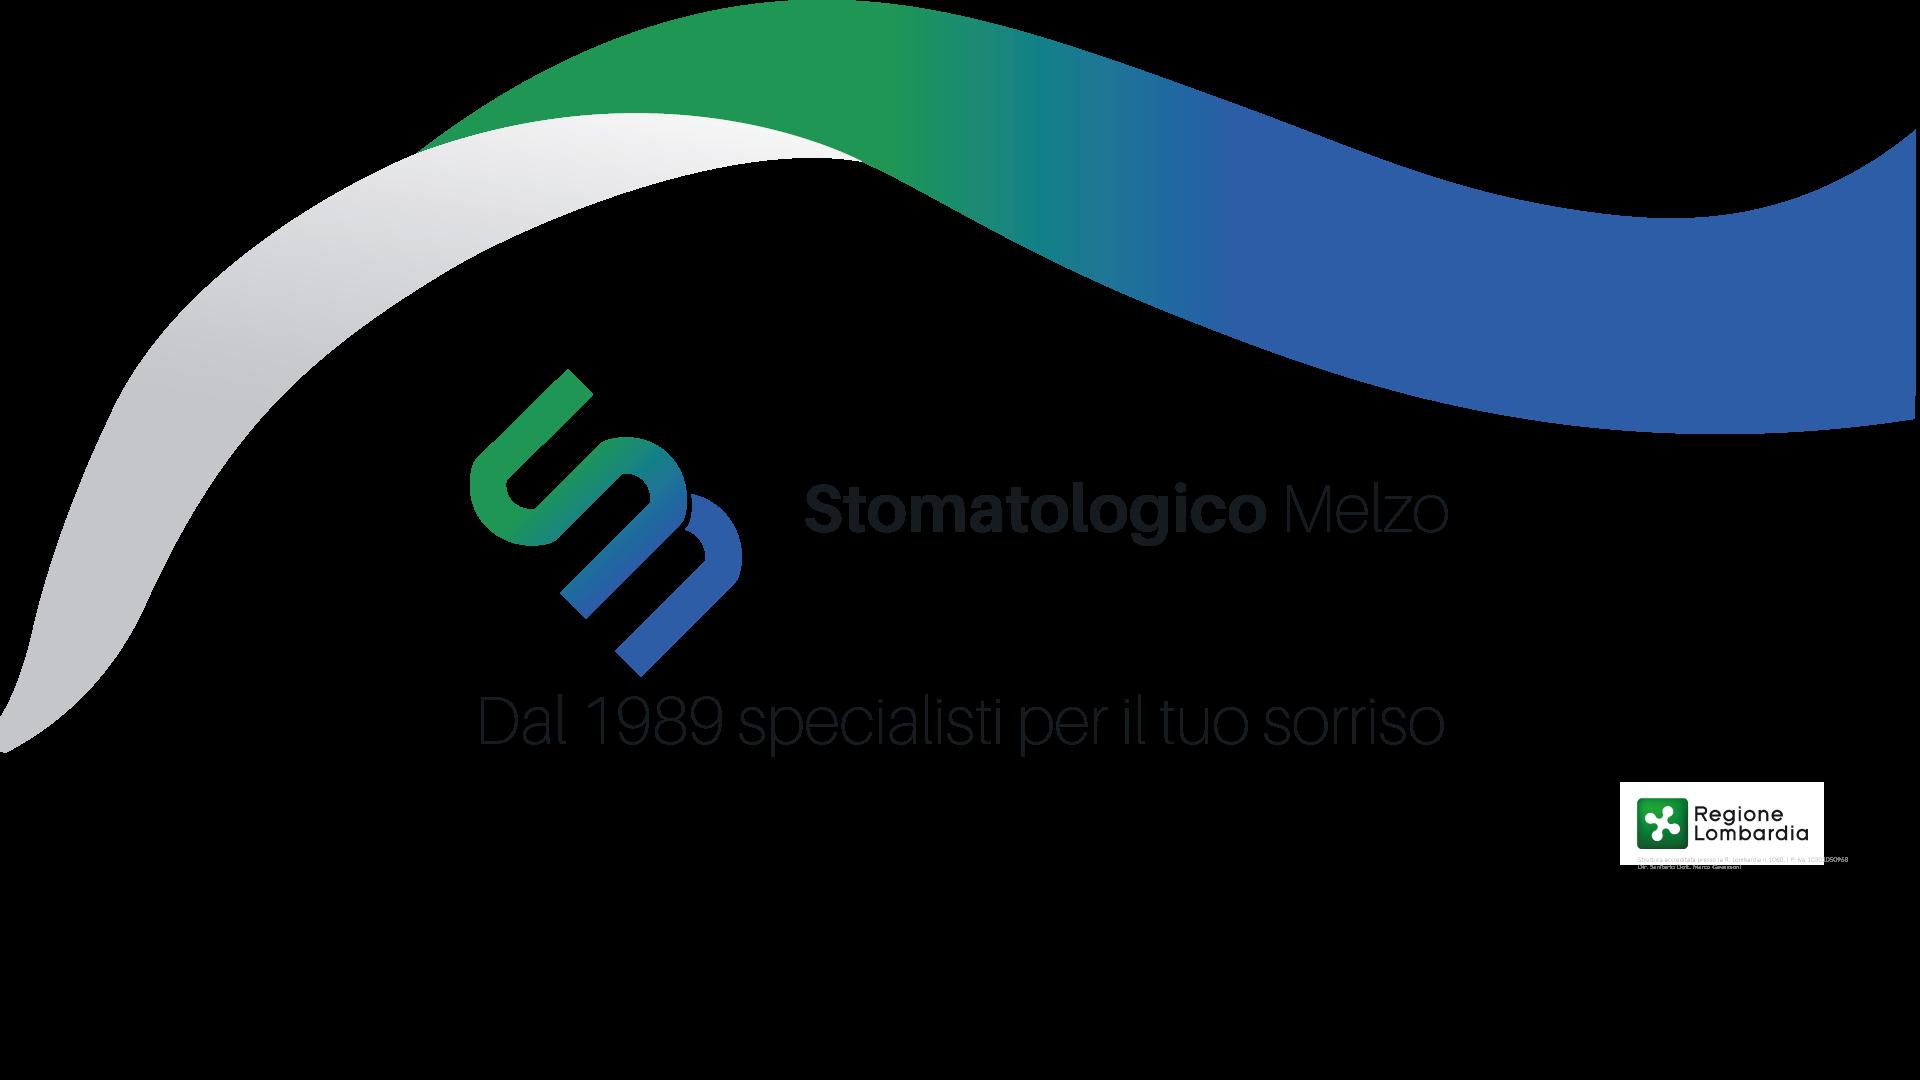 stomatologico-Melzo-MILANO